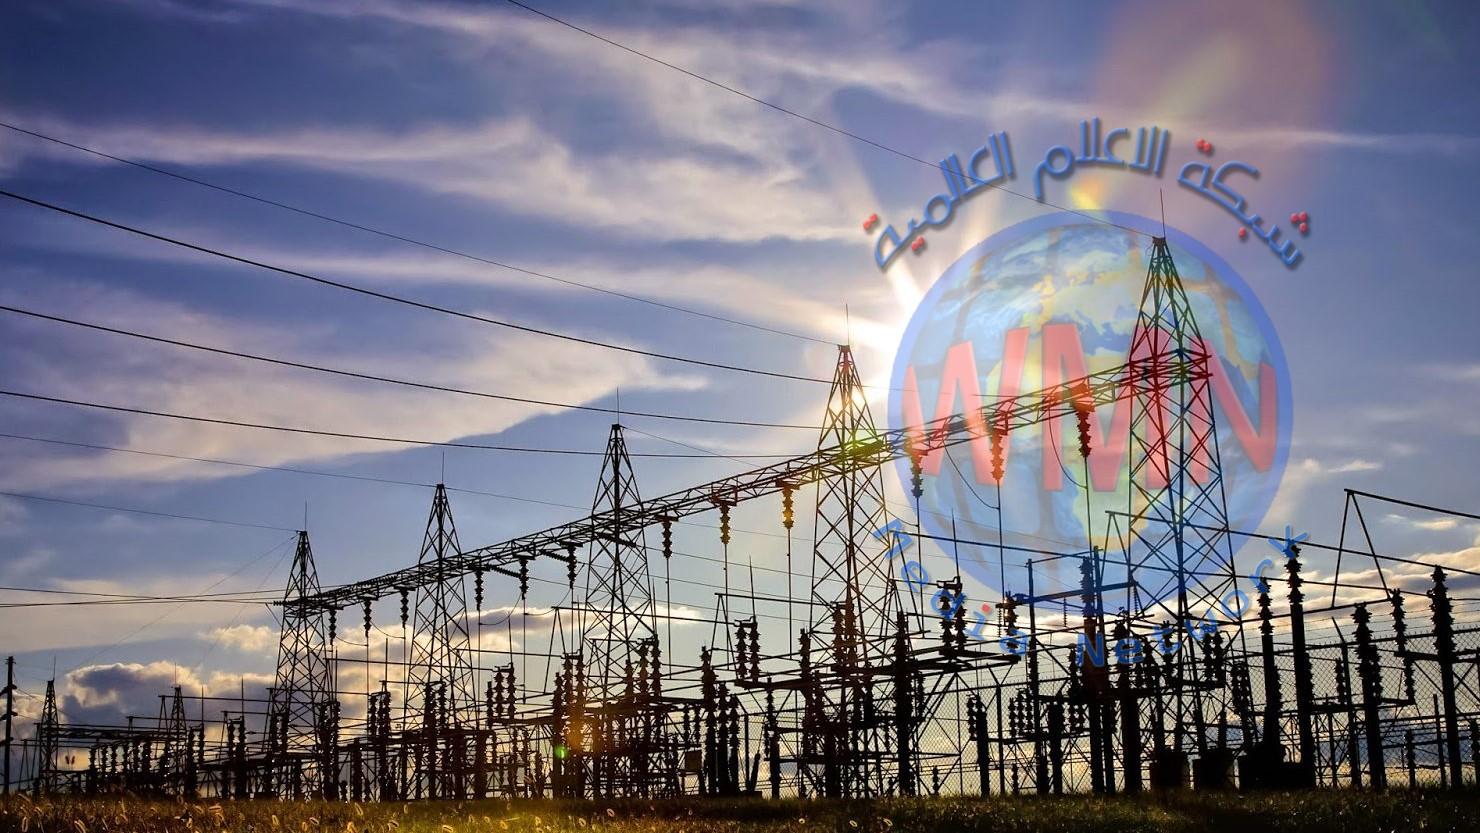 مسؤول محلي: الكهرباء تعرقل بناء محطة لتوليد الطاقة الكهربائية في الانبار